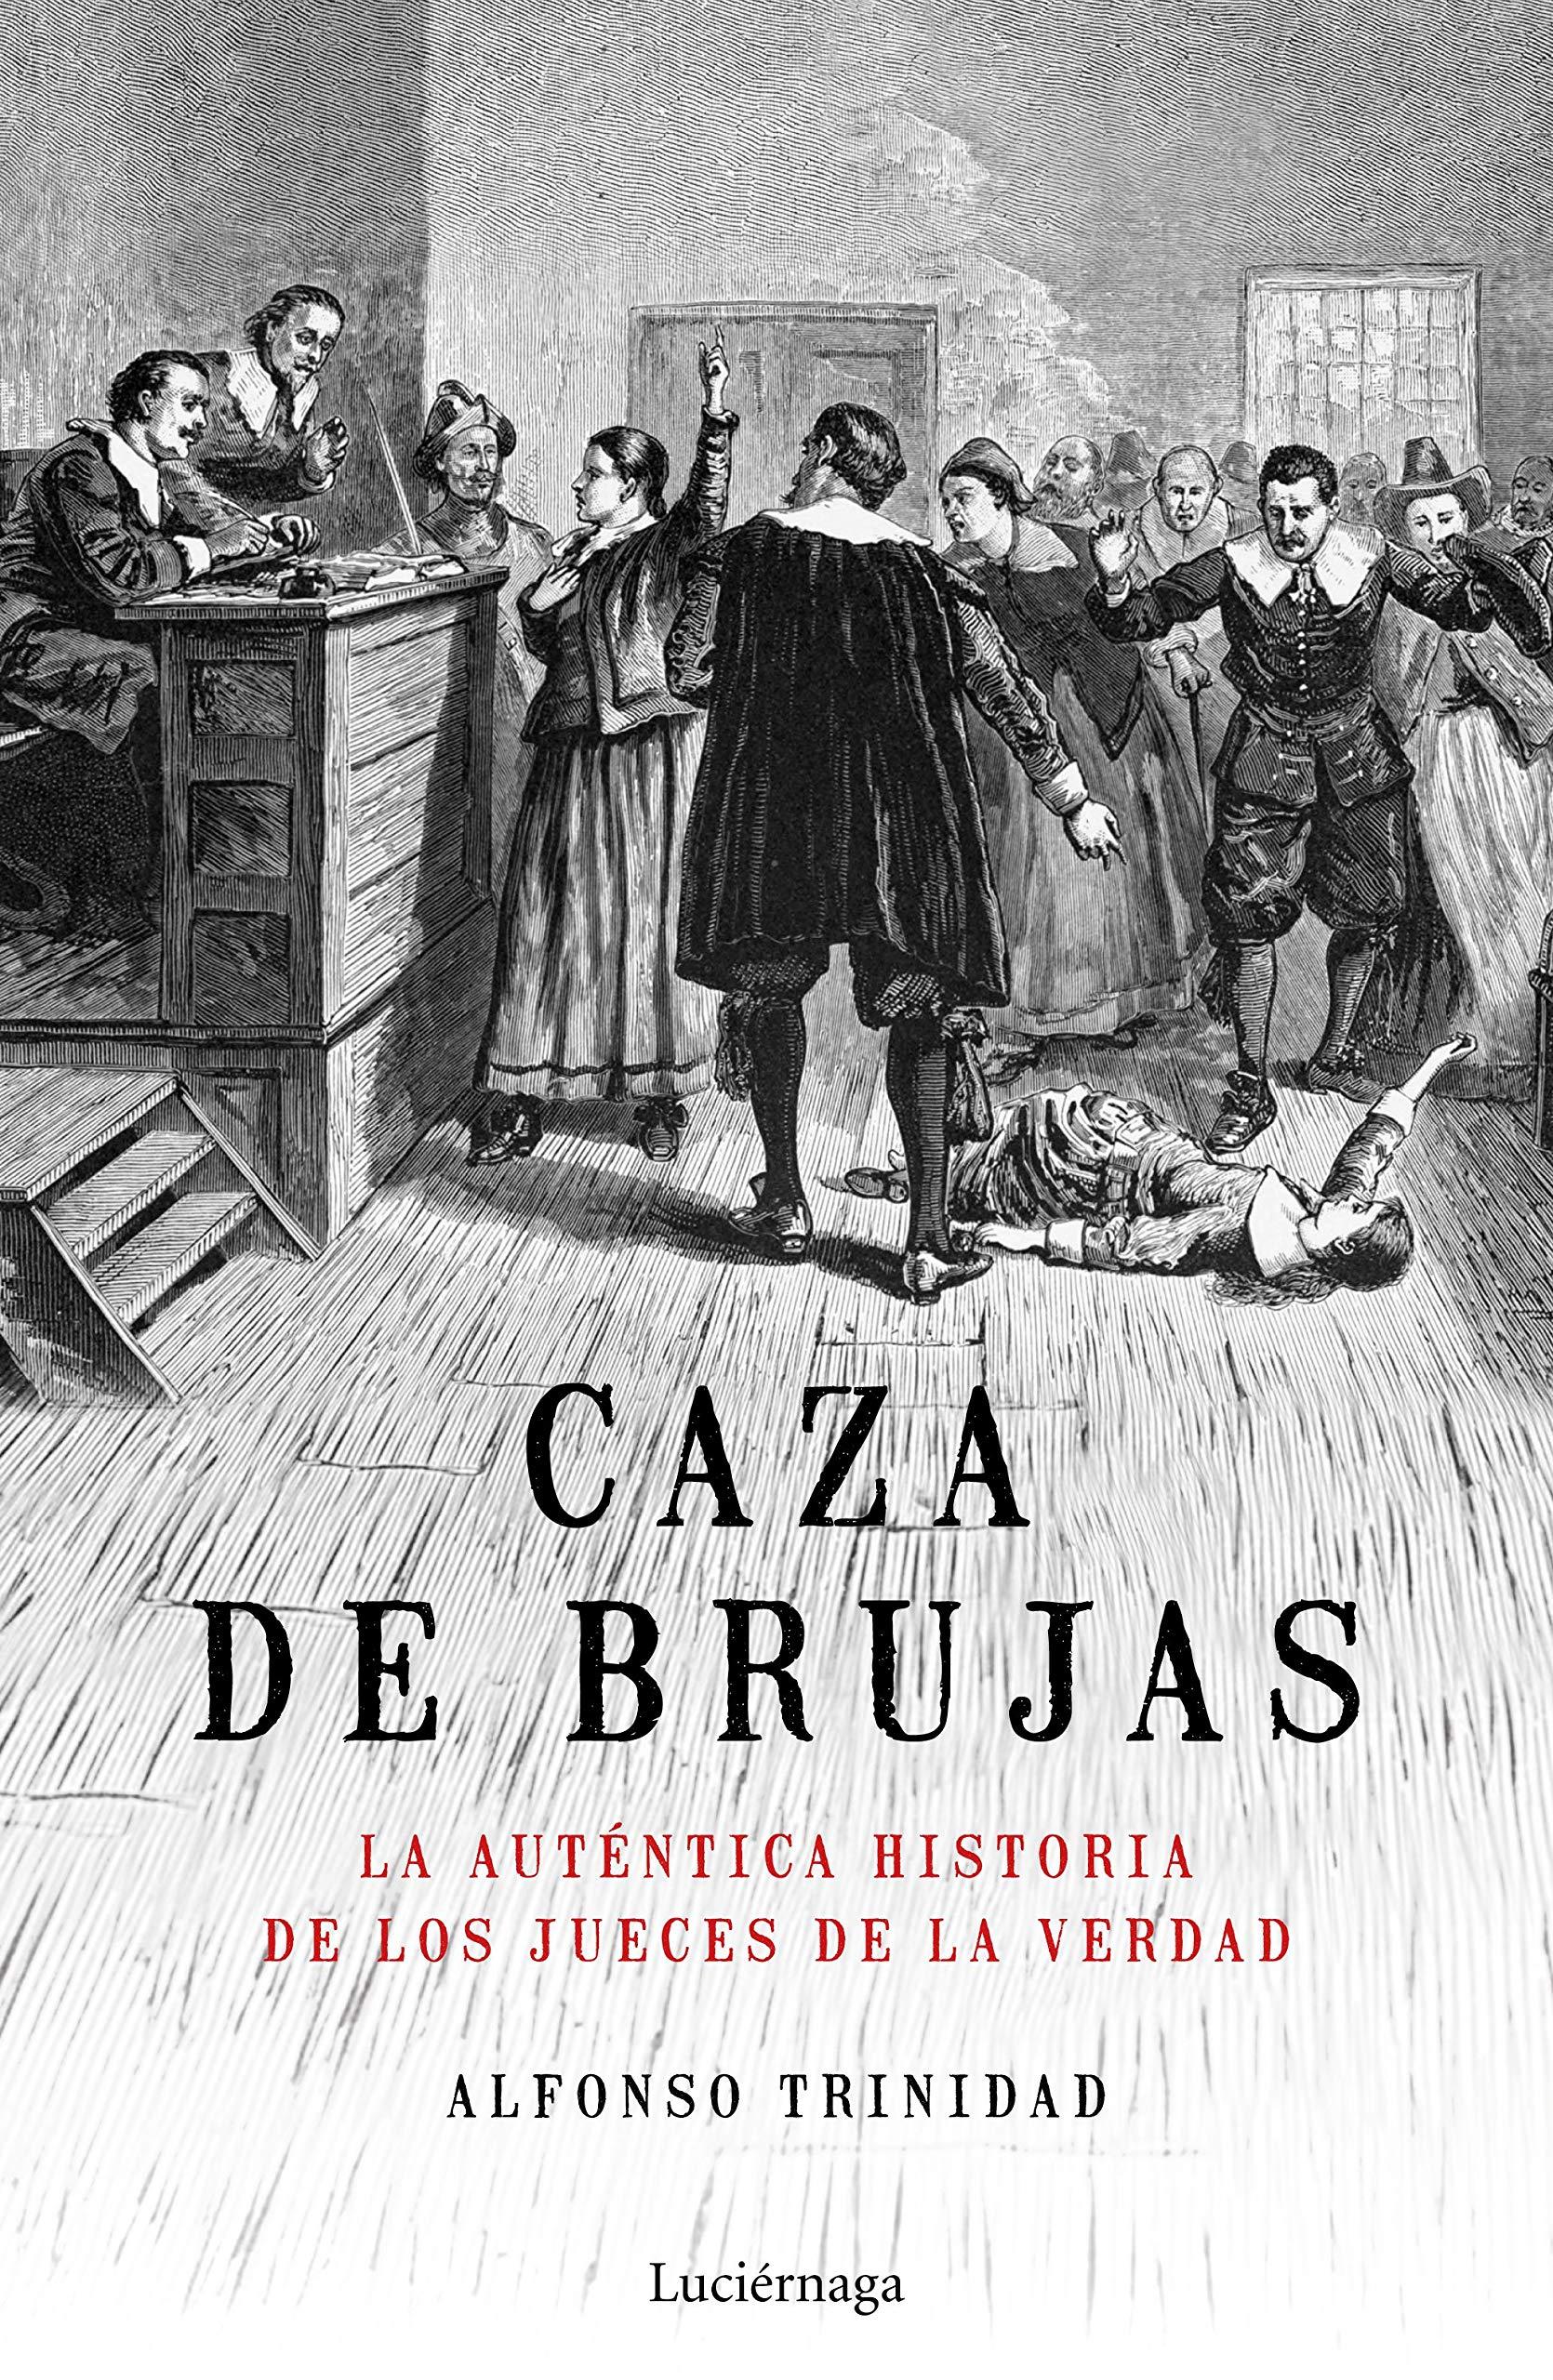 Caza de brujas: La auténtica historia de los jueces de la verdad ENIGMAS Y CONSPIRACIONES: Amazon.es: Trinidad Hernández, Alfonso: Libros